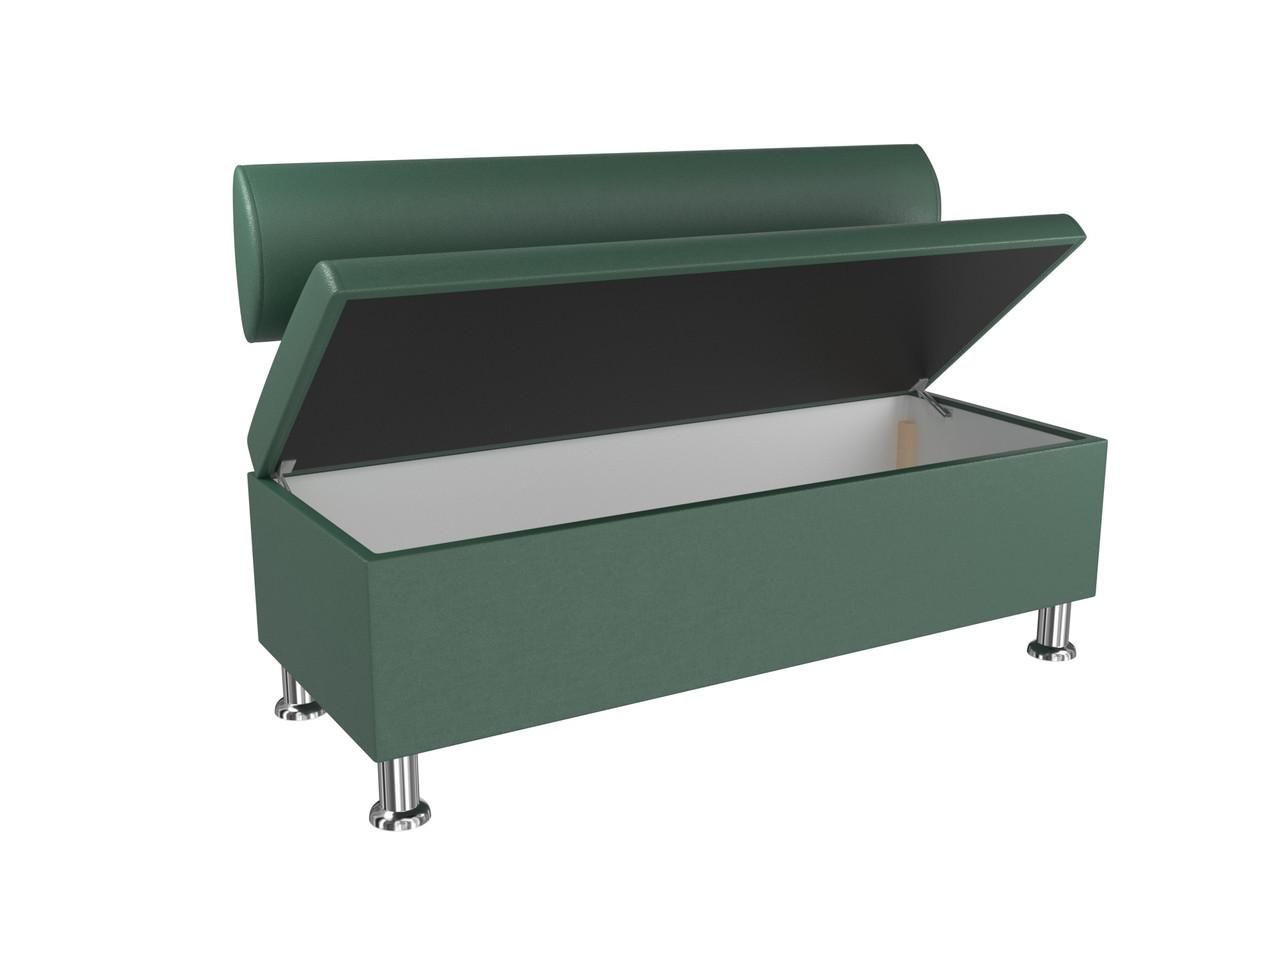 Диван BNB Флеш 1200x540x780 темно зеленый.